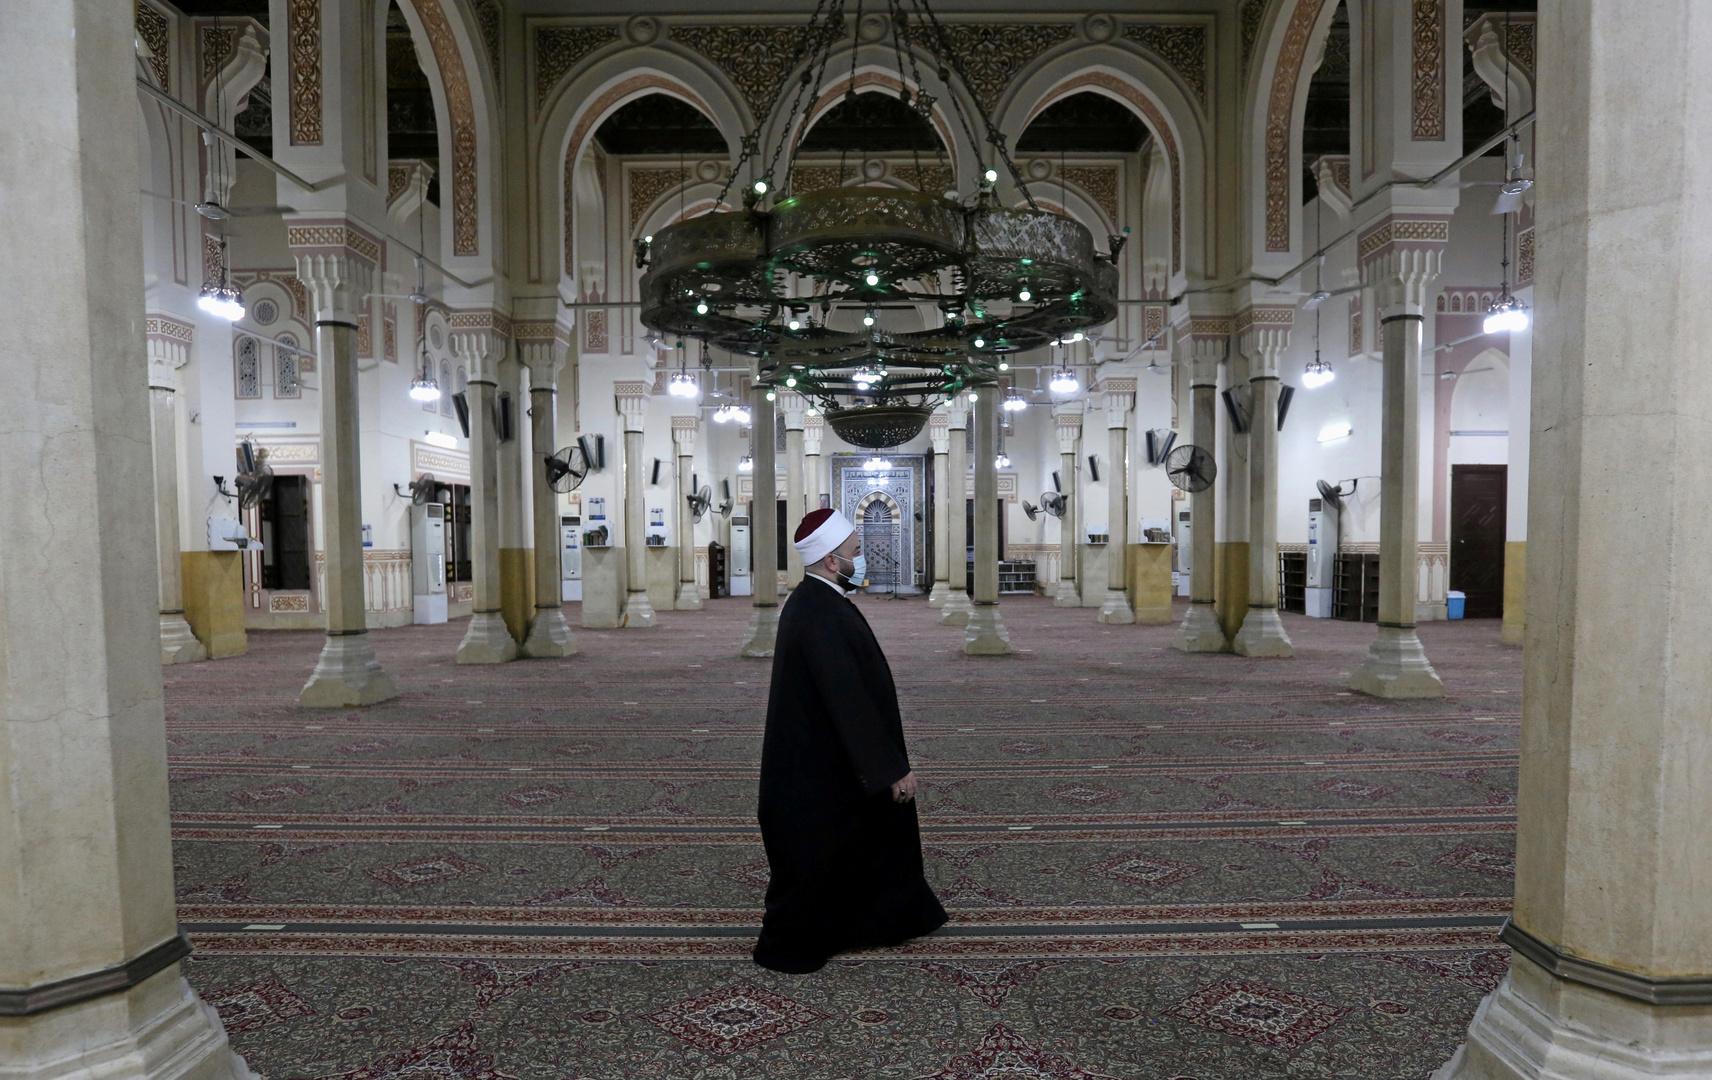 مصر تؤكد أنها لم تقرر فتح المساجد لصلاة الجمعة حتى الآن